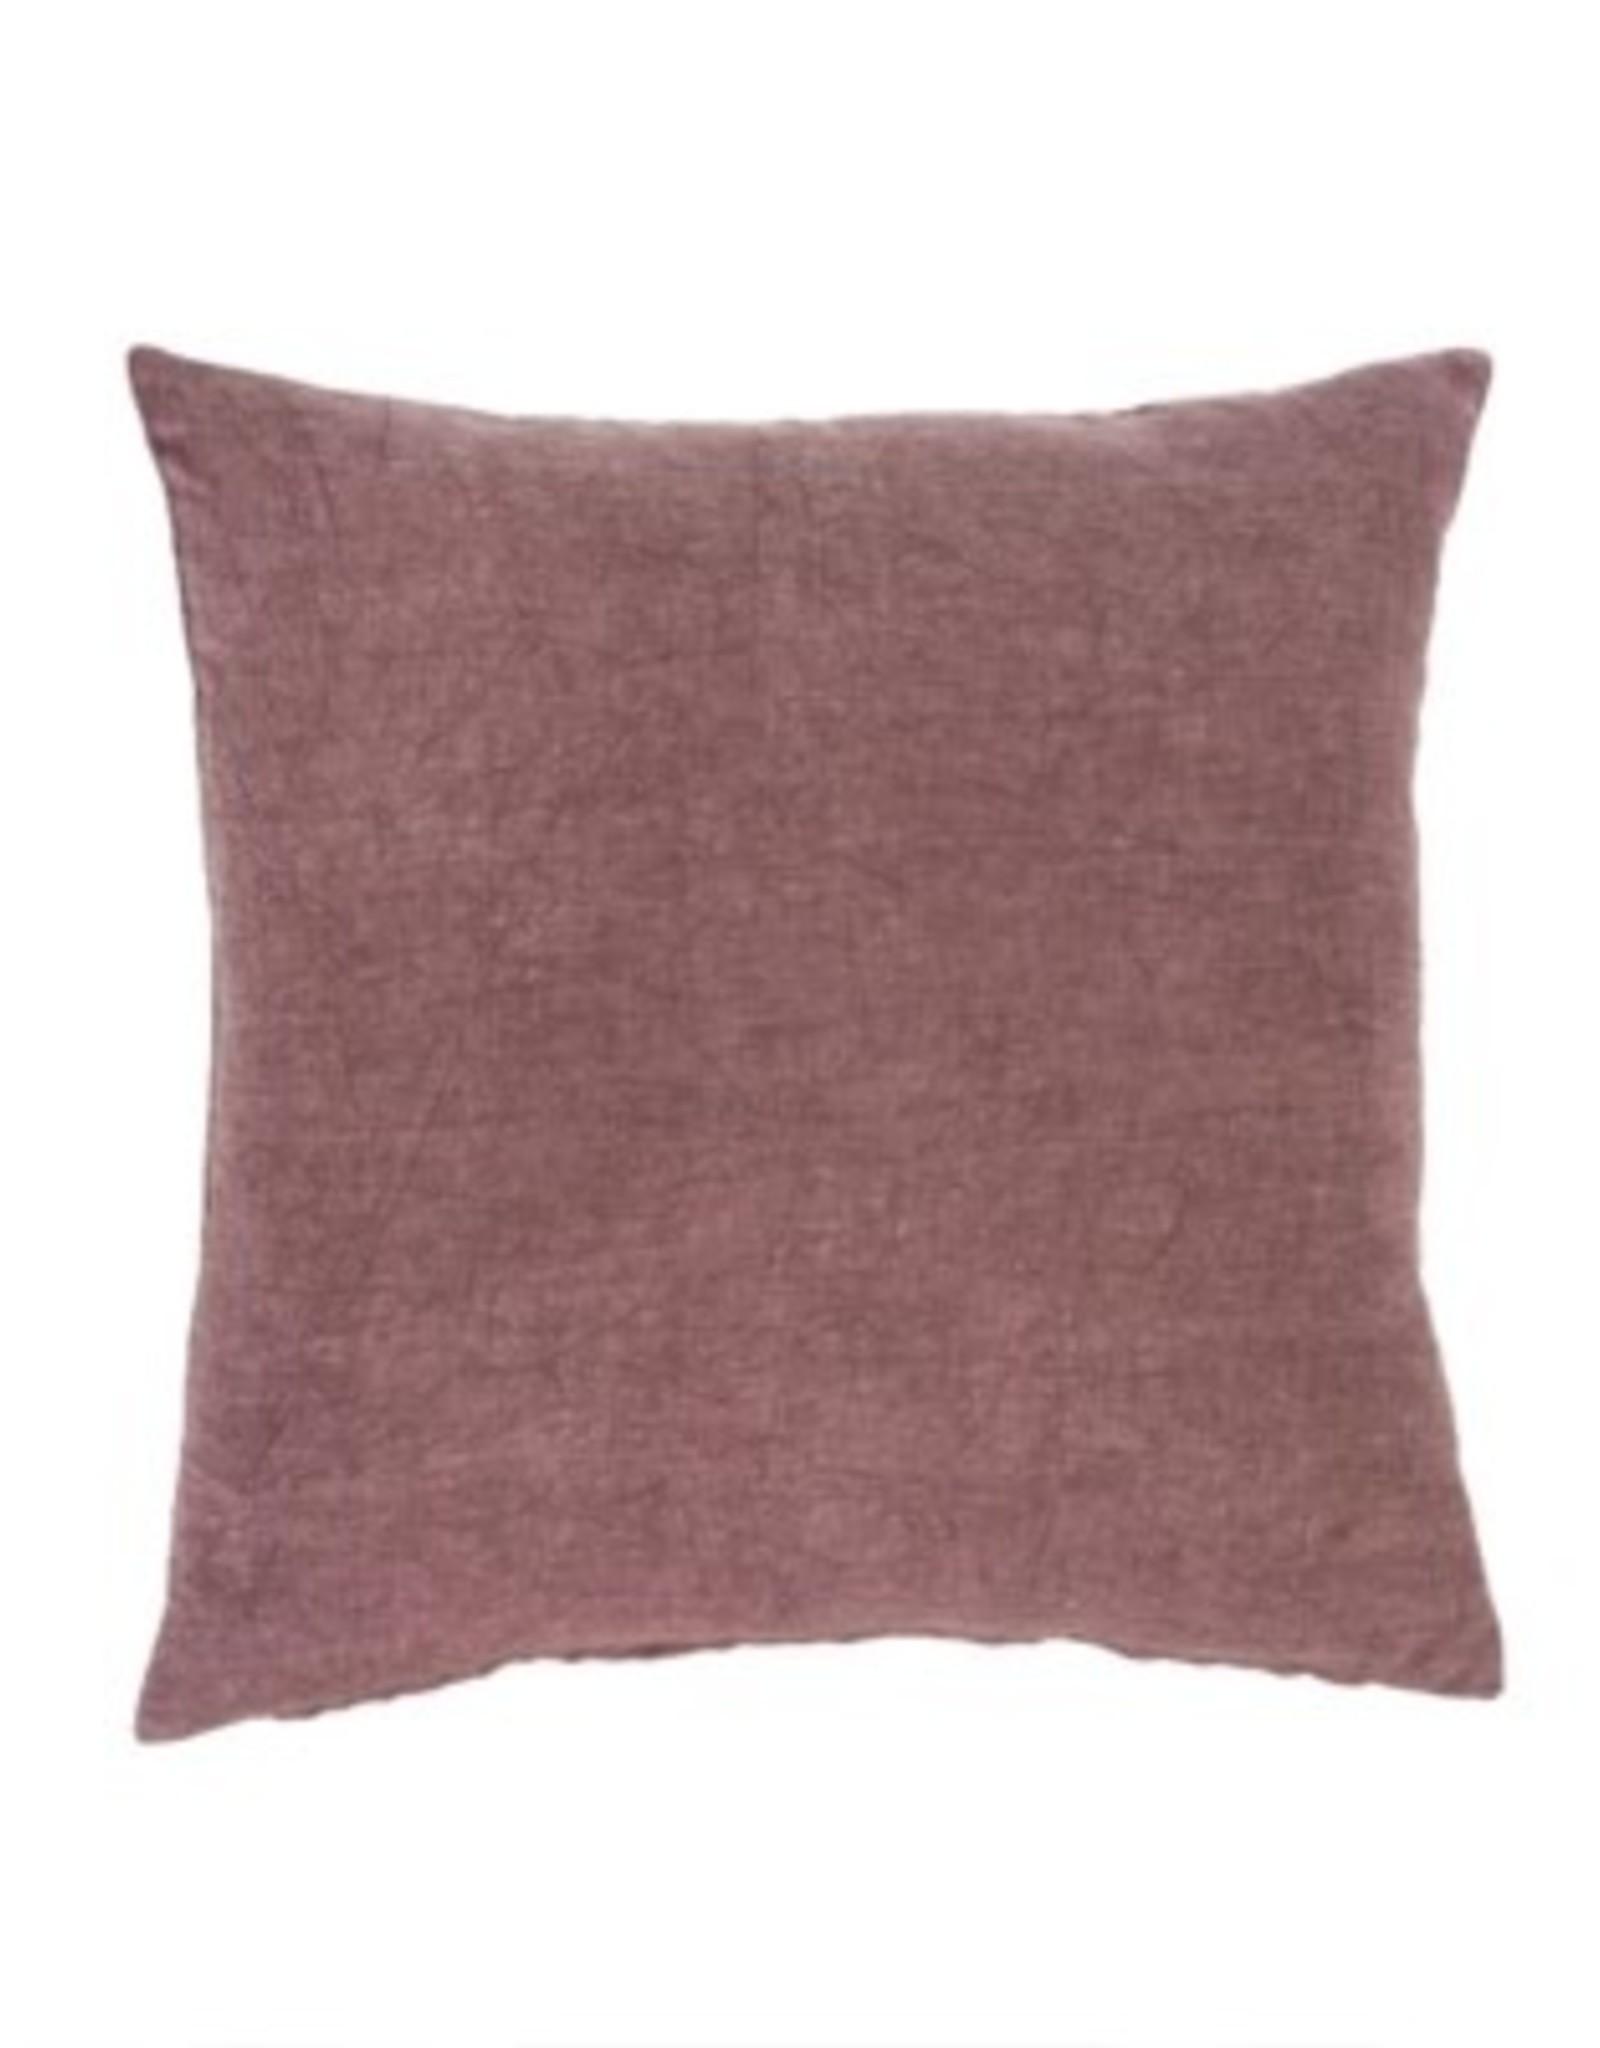 Indaba Cushions Indaba Nala Linen Plum 20 x 20